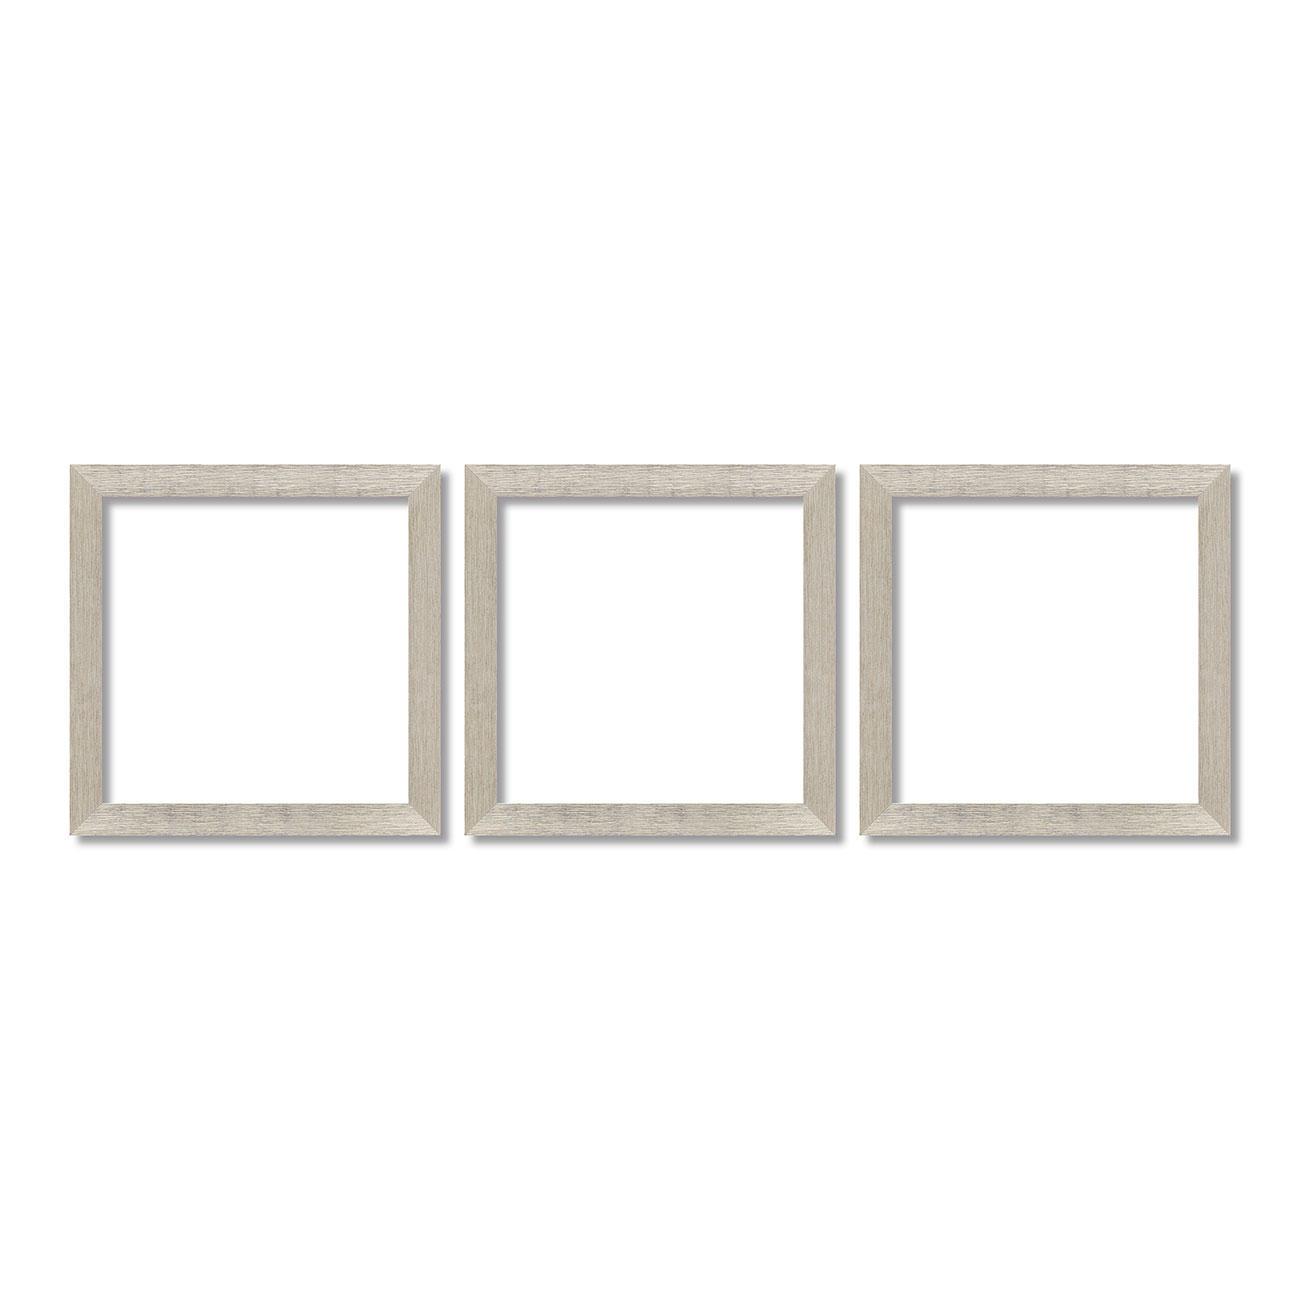 Rahmen für Triptychon, aus Kunststoff, 3x 40 x 40 cm